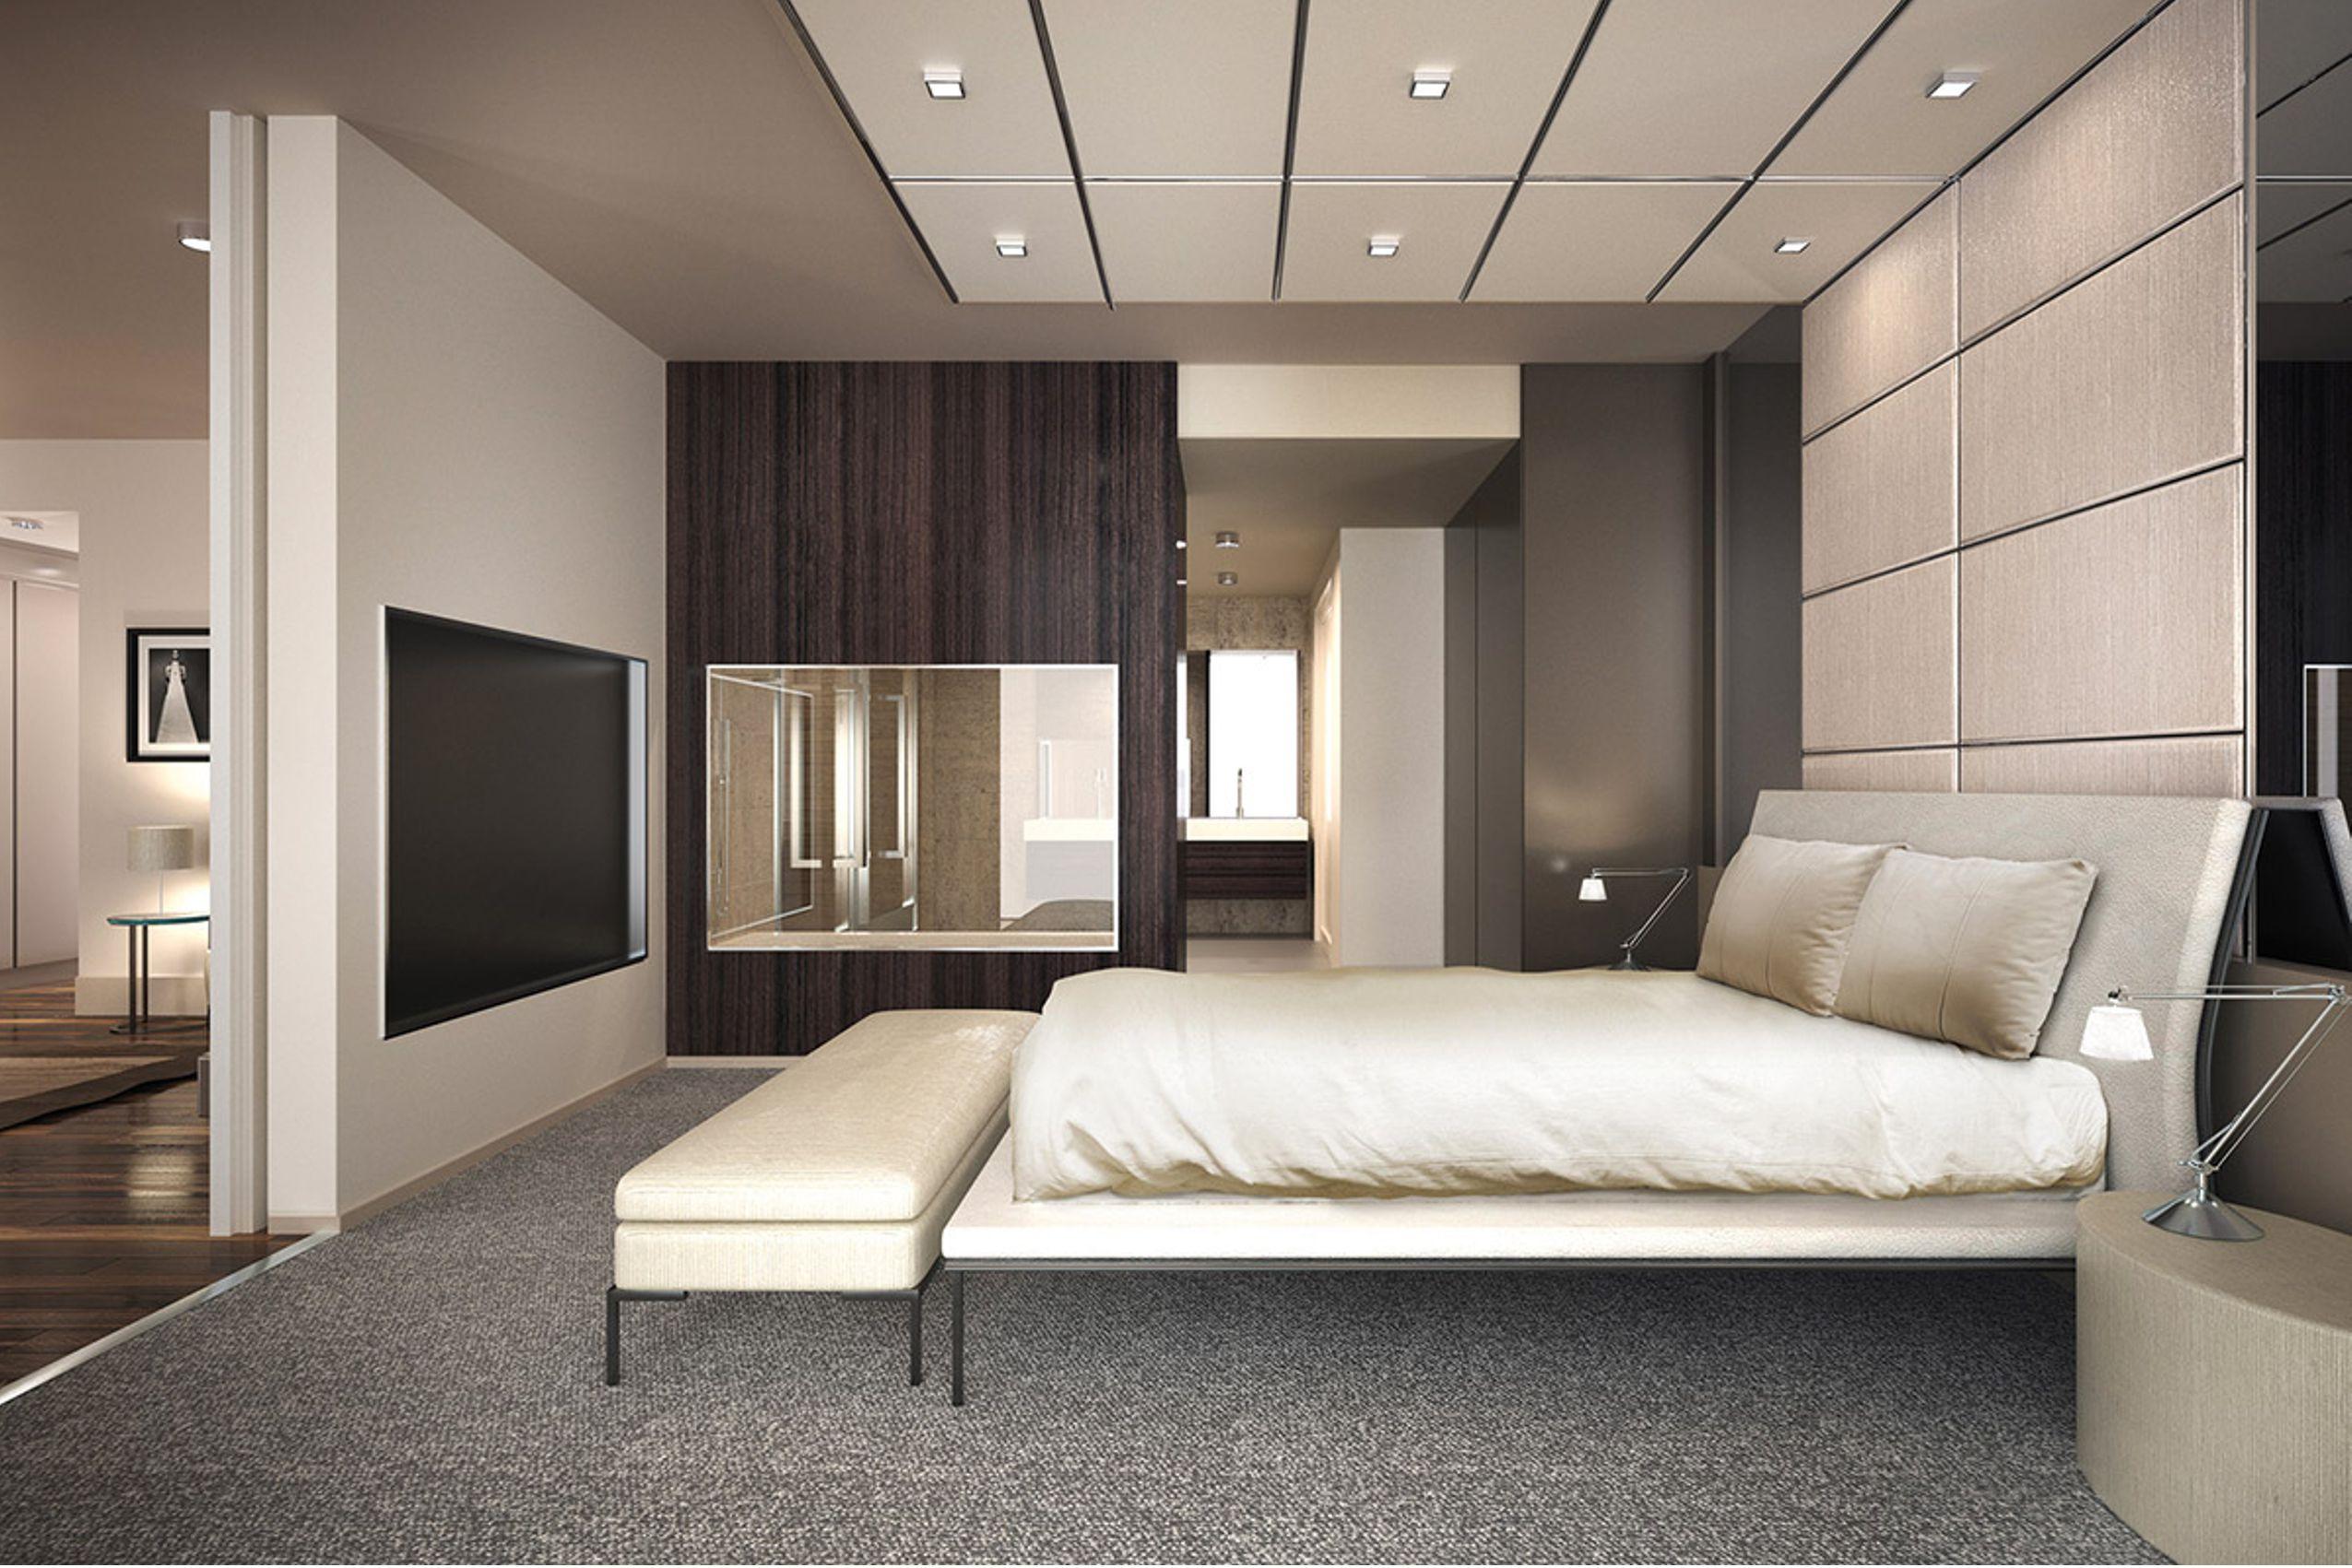 Produttori di arredamenti per hotel alberghi residence b b for Arredamenti per hotel di lusso